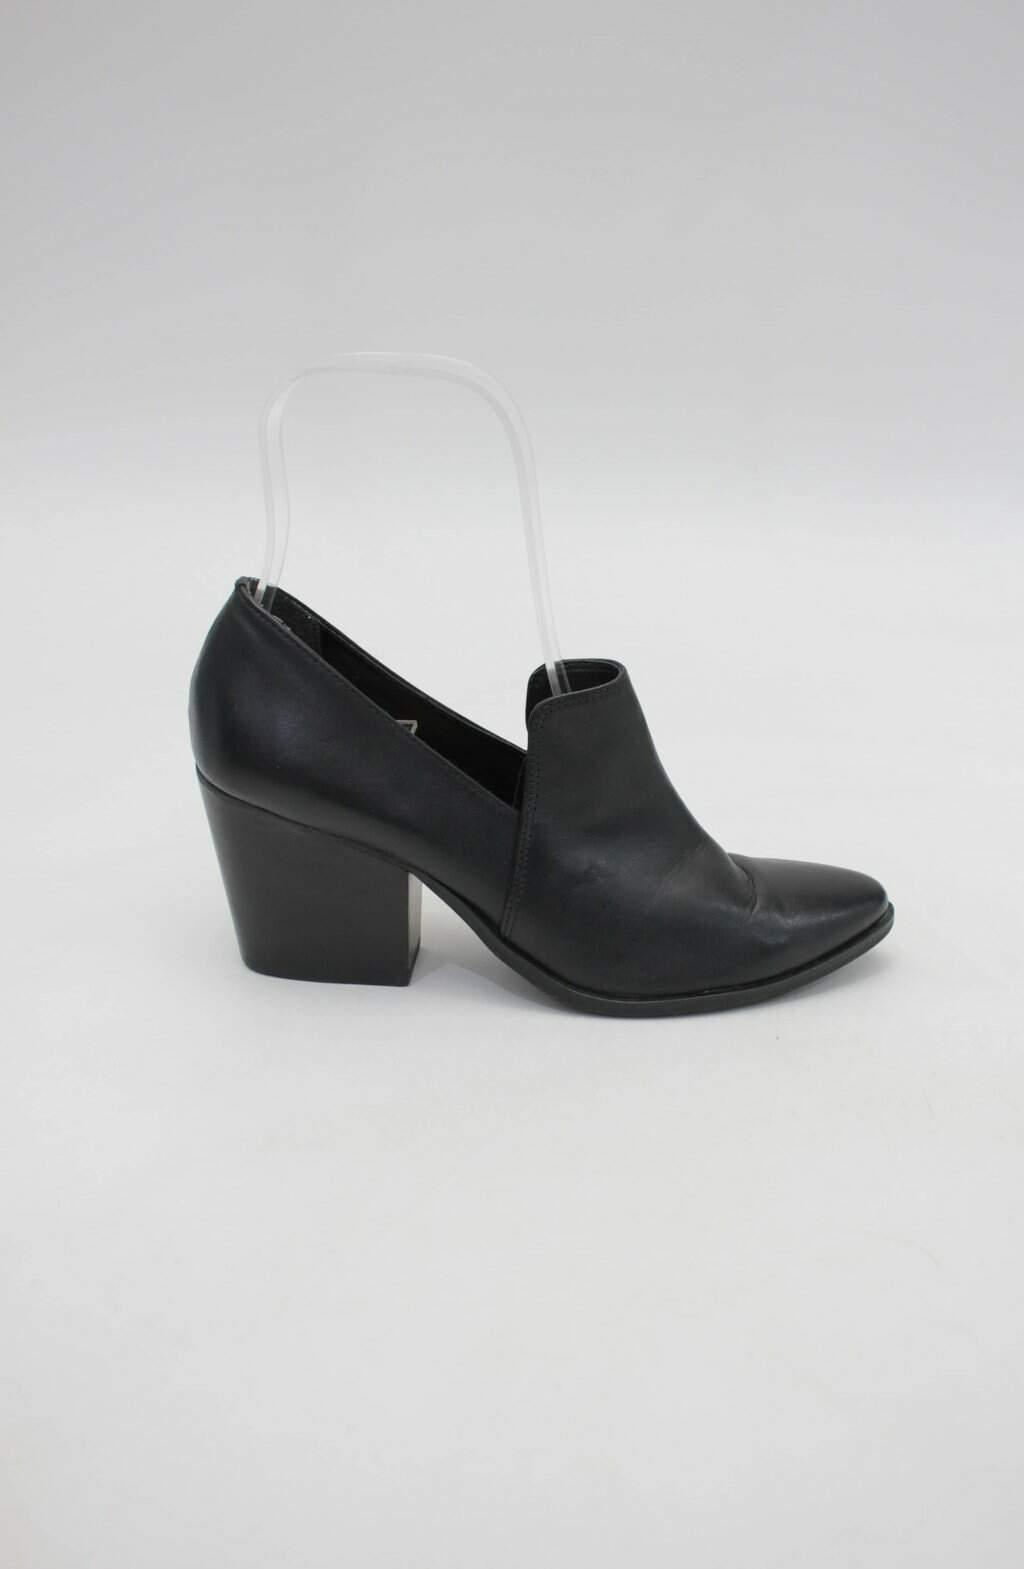 Sapato renner feminino preto